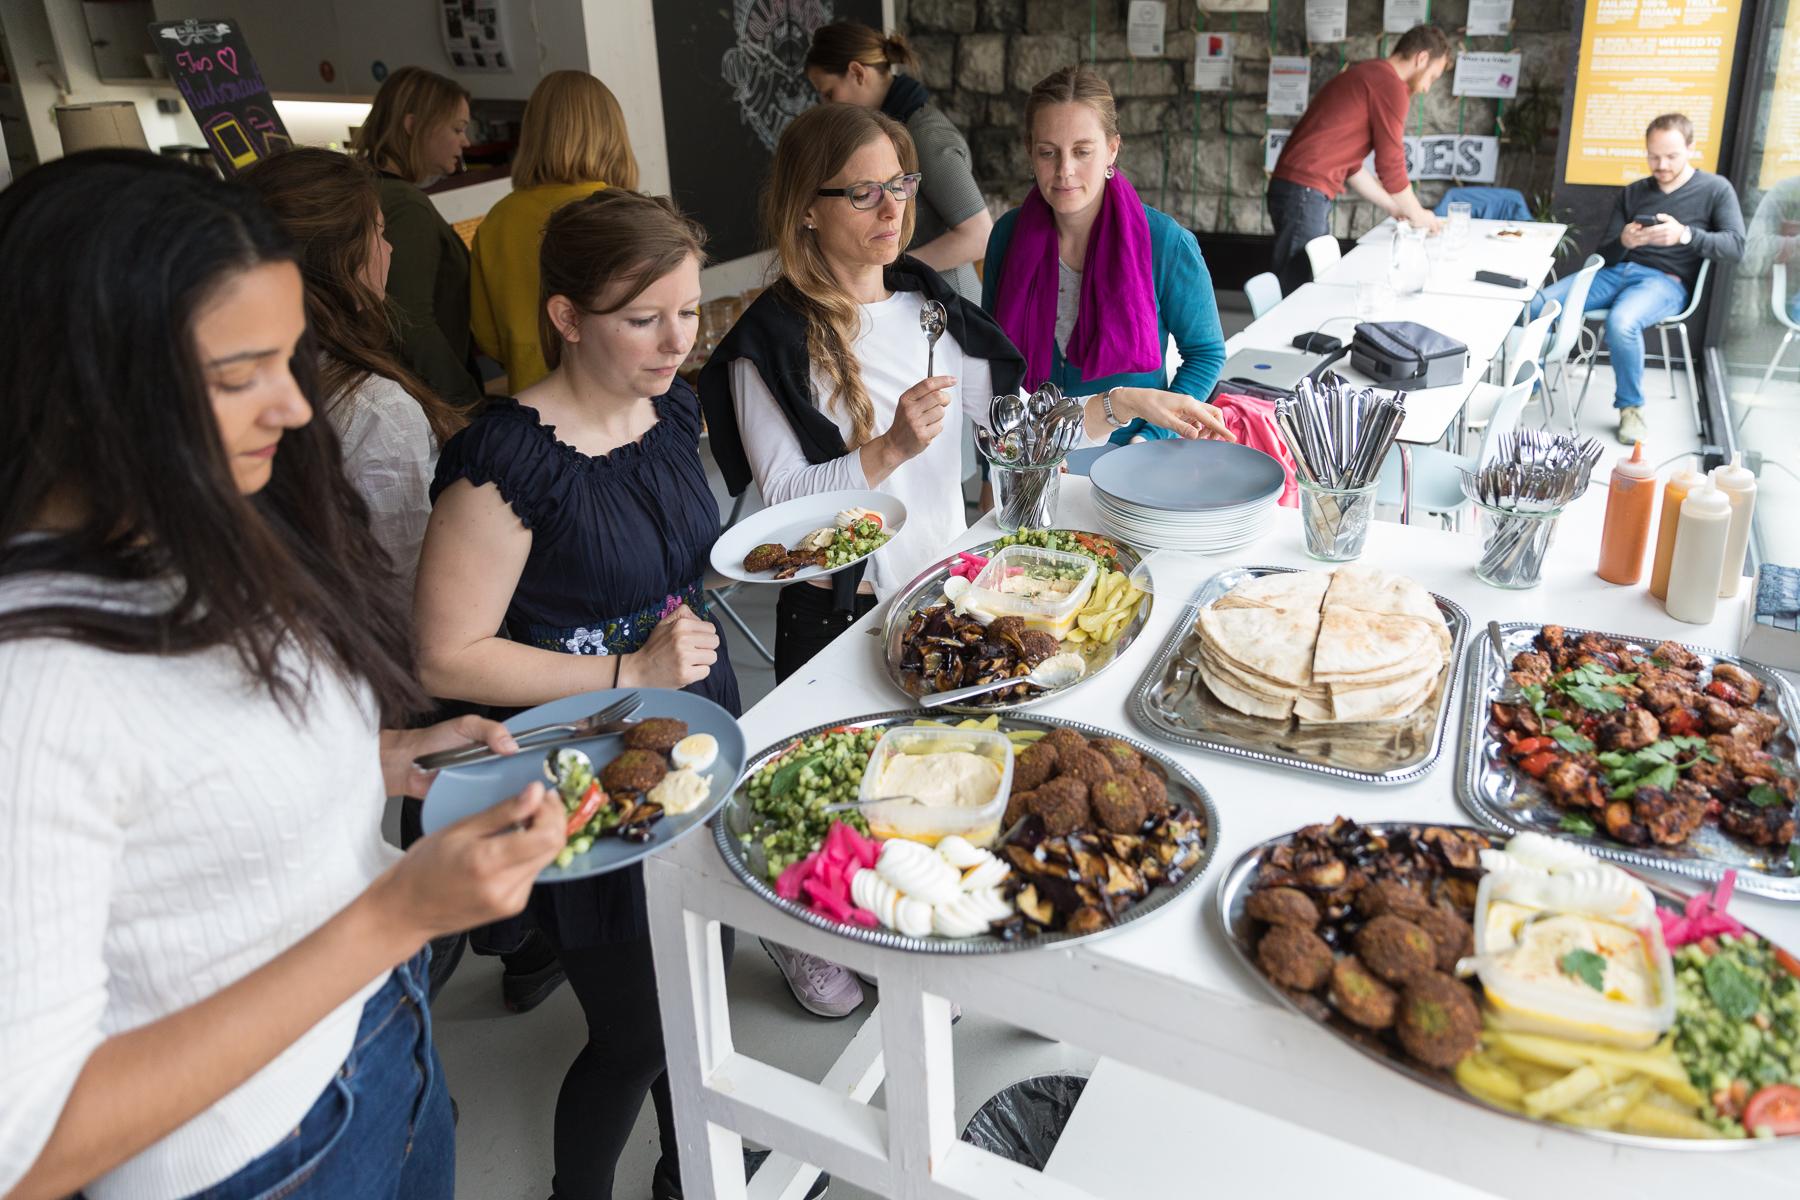 Teilnehmer beim gemeinsamen Mittagessen